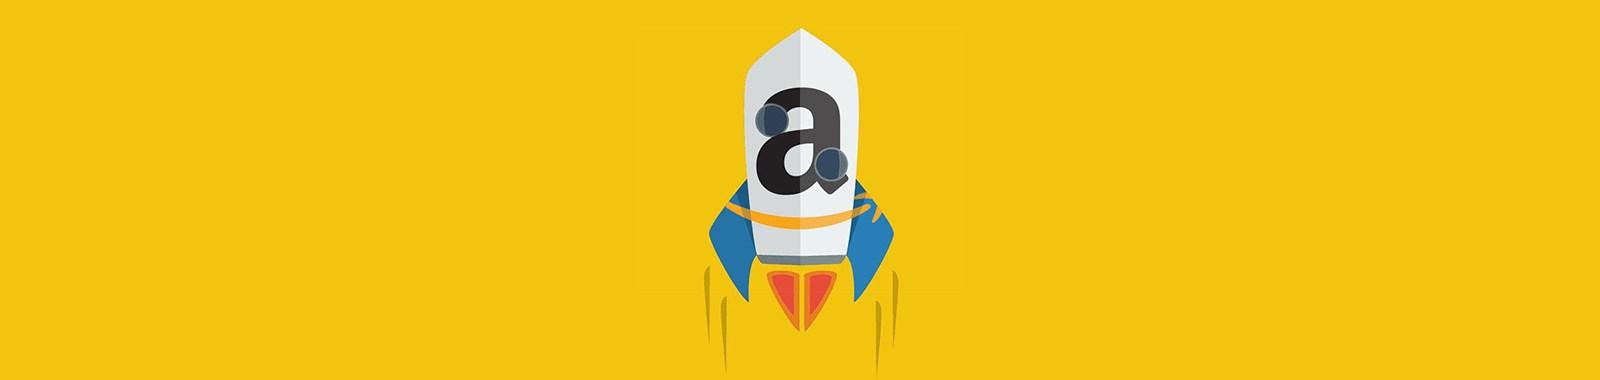 amazon-rocket-eye